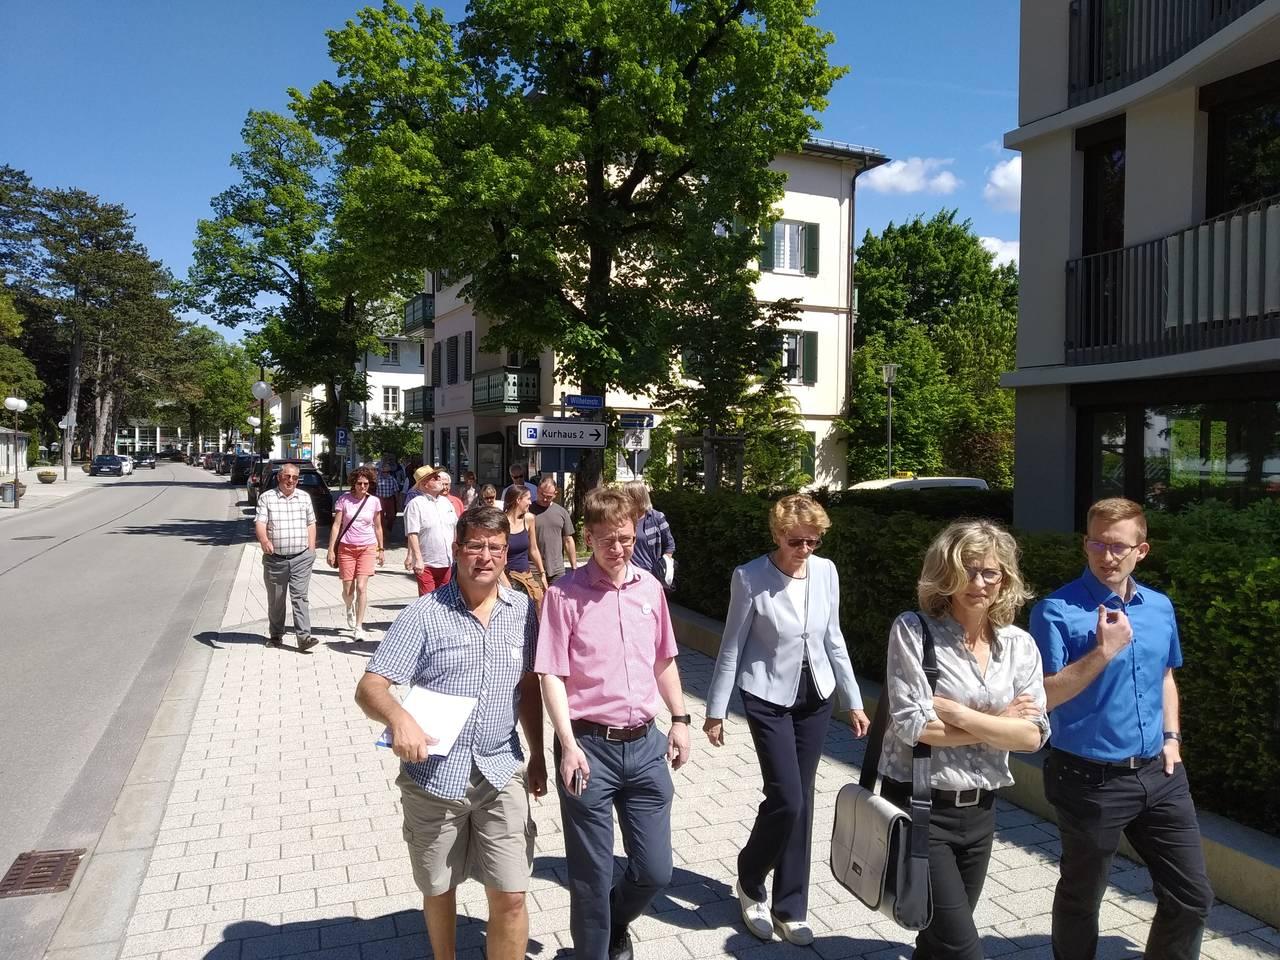 Karsten Bauer, Rene Mühlberger und Bewohner des Badeteils auf dem Weg zum Vichyplatz